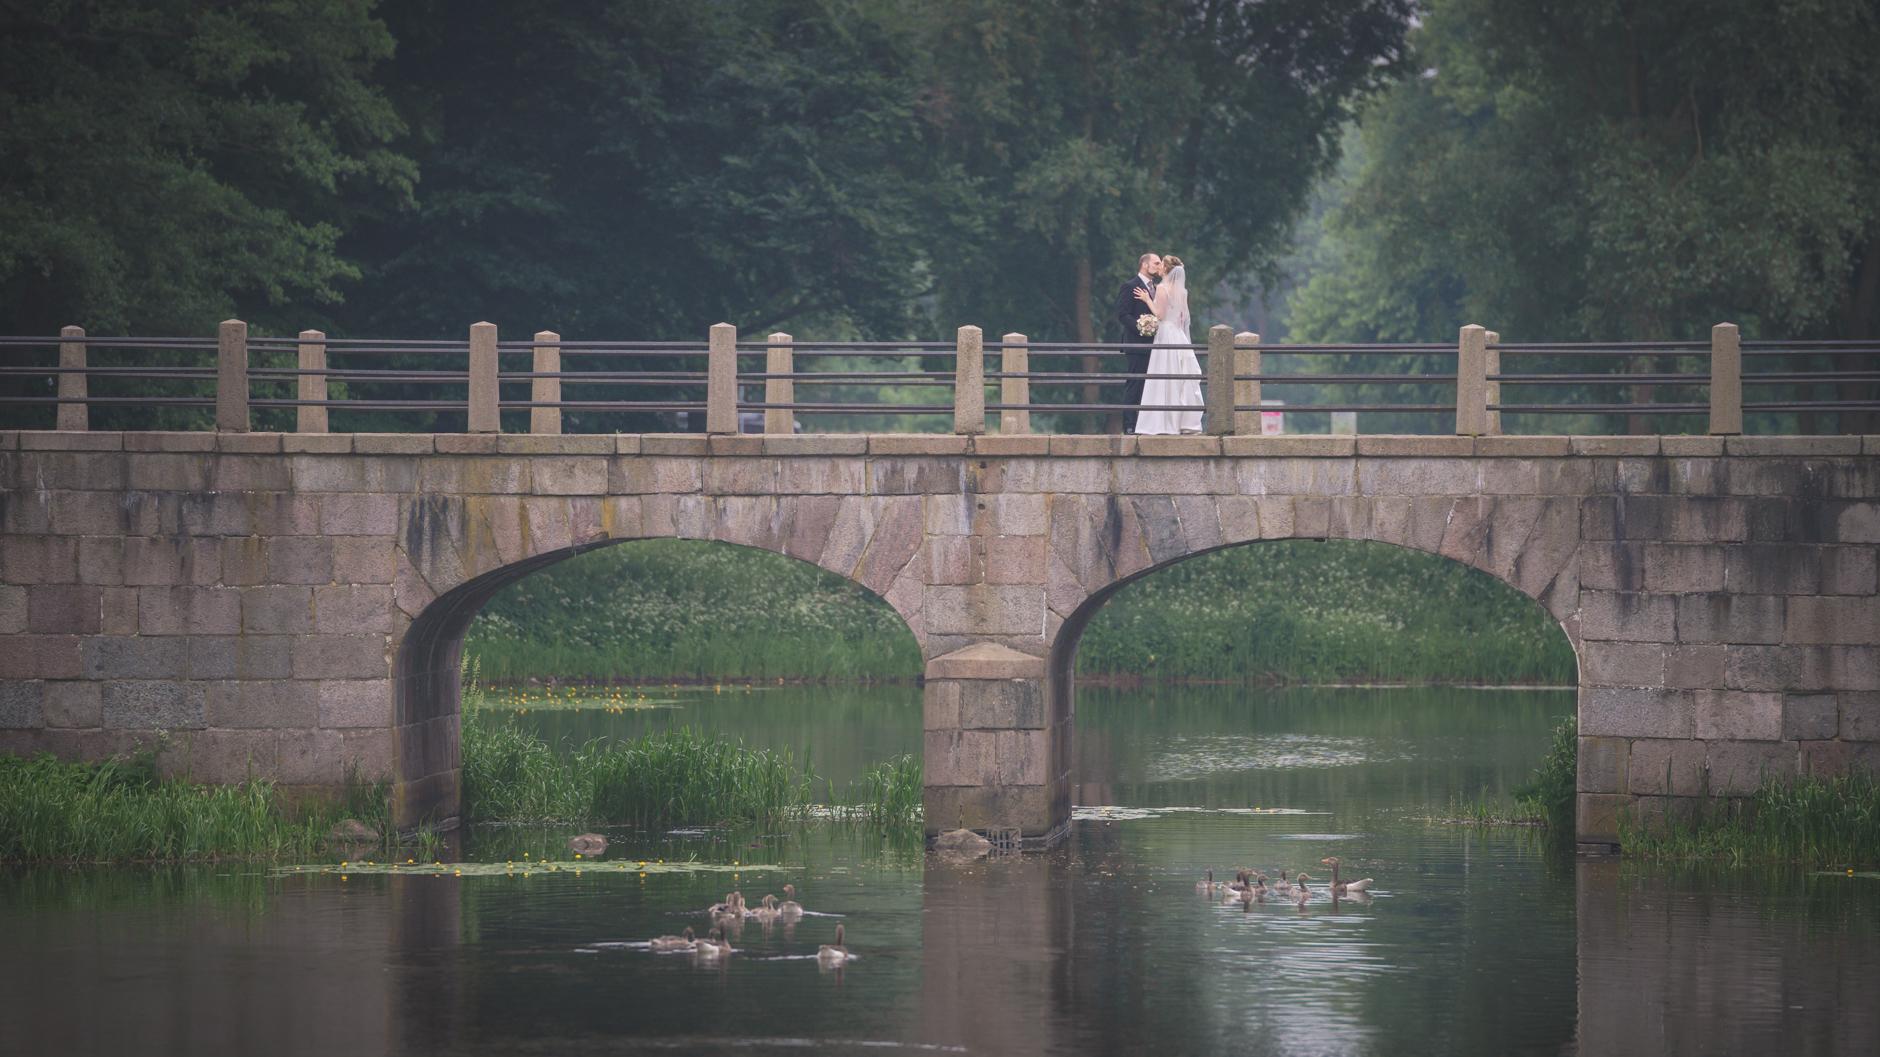 Die Mühle am Ahrensburger Schloß ist immer wieder eine Lieblingslocation unserer Brautpaare für das Brautpaar-Shooting